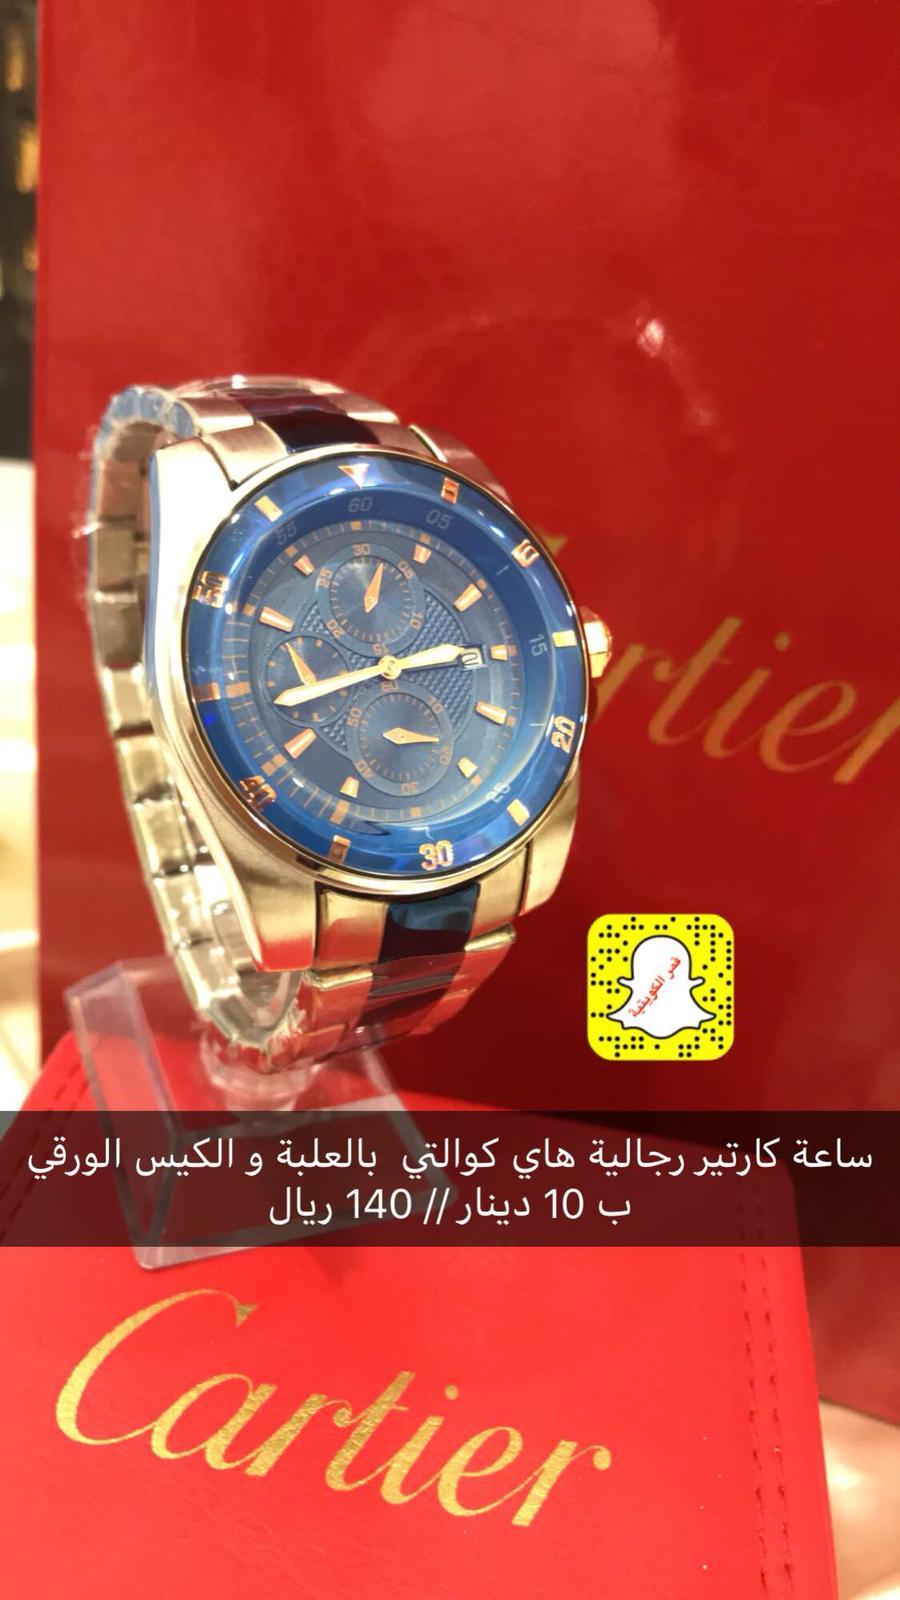 للطلب واتس اب من داخل الكويت 66224994 // من خارج الكويت 0096566224994